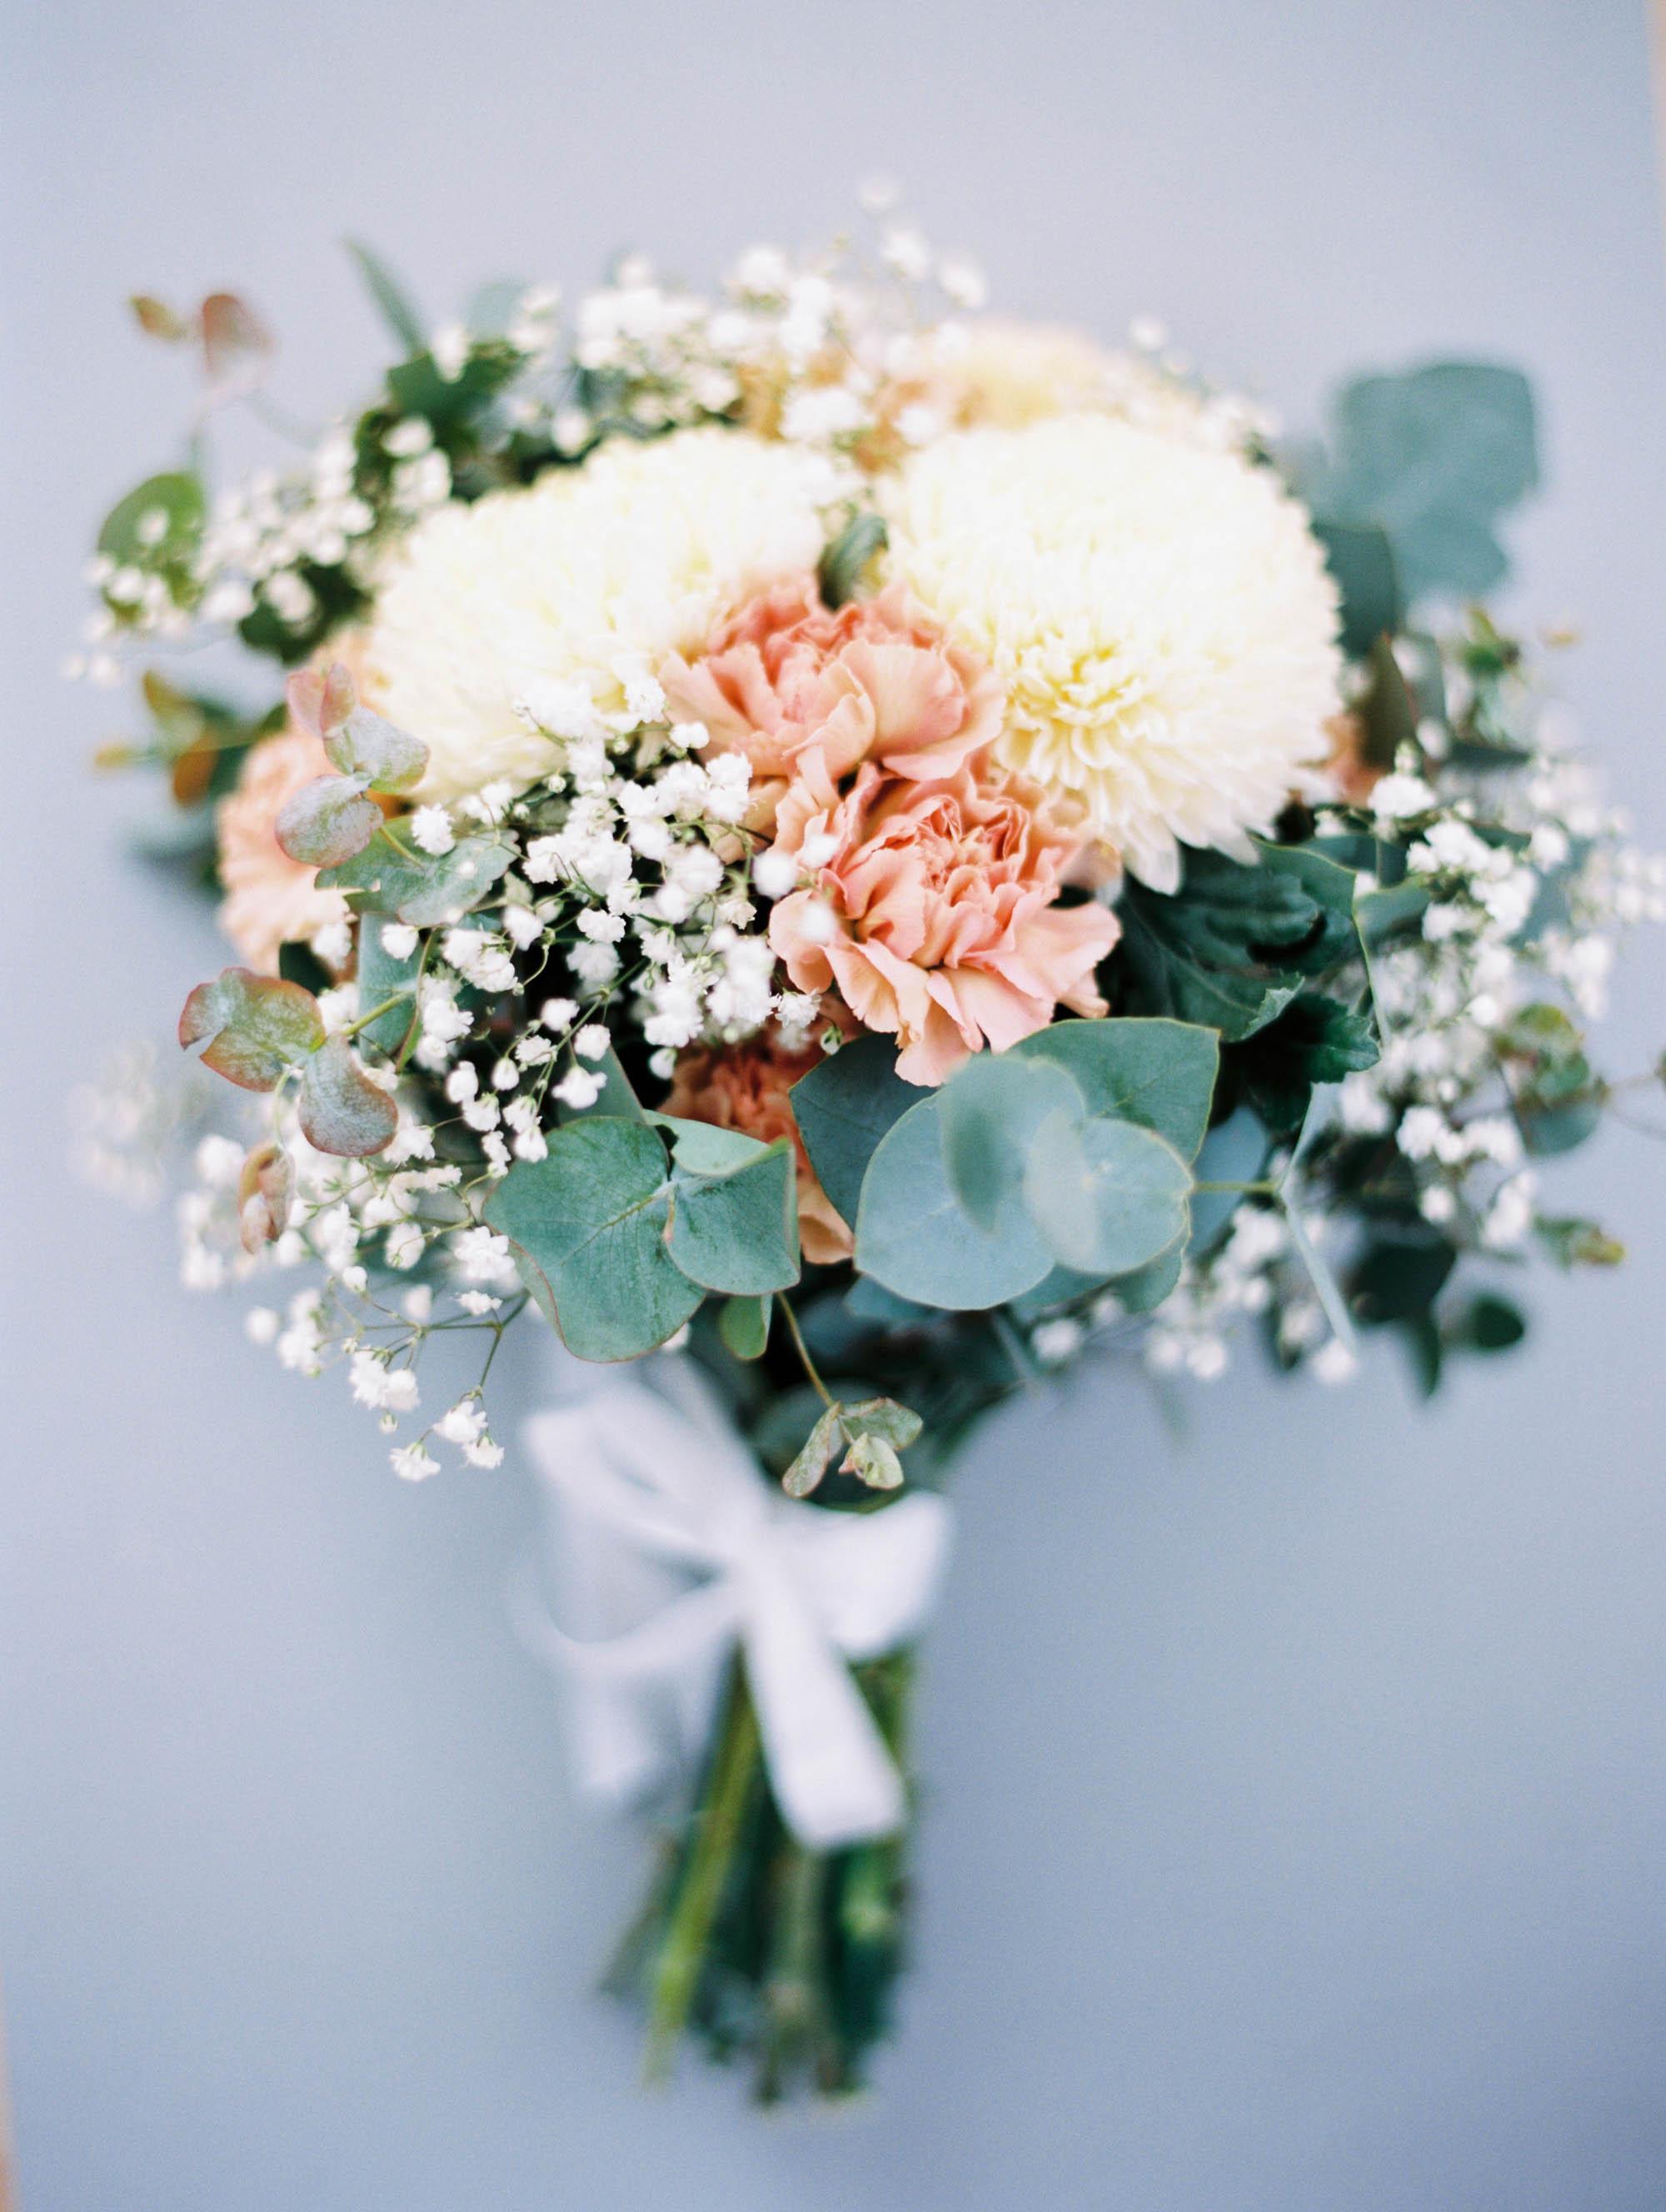 Whitehouse-hahndorf-wedding-photography-019.jpg